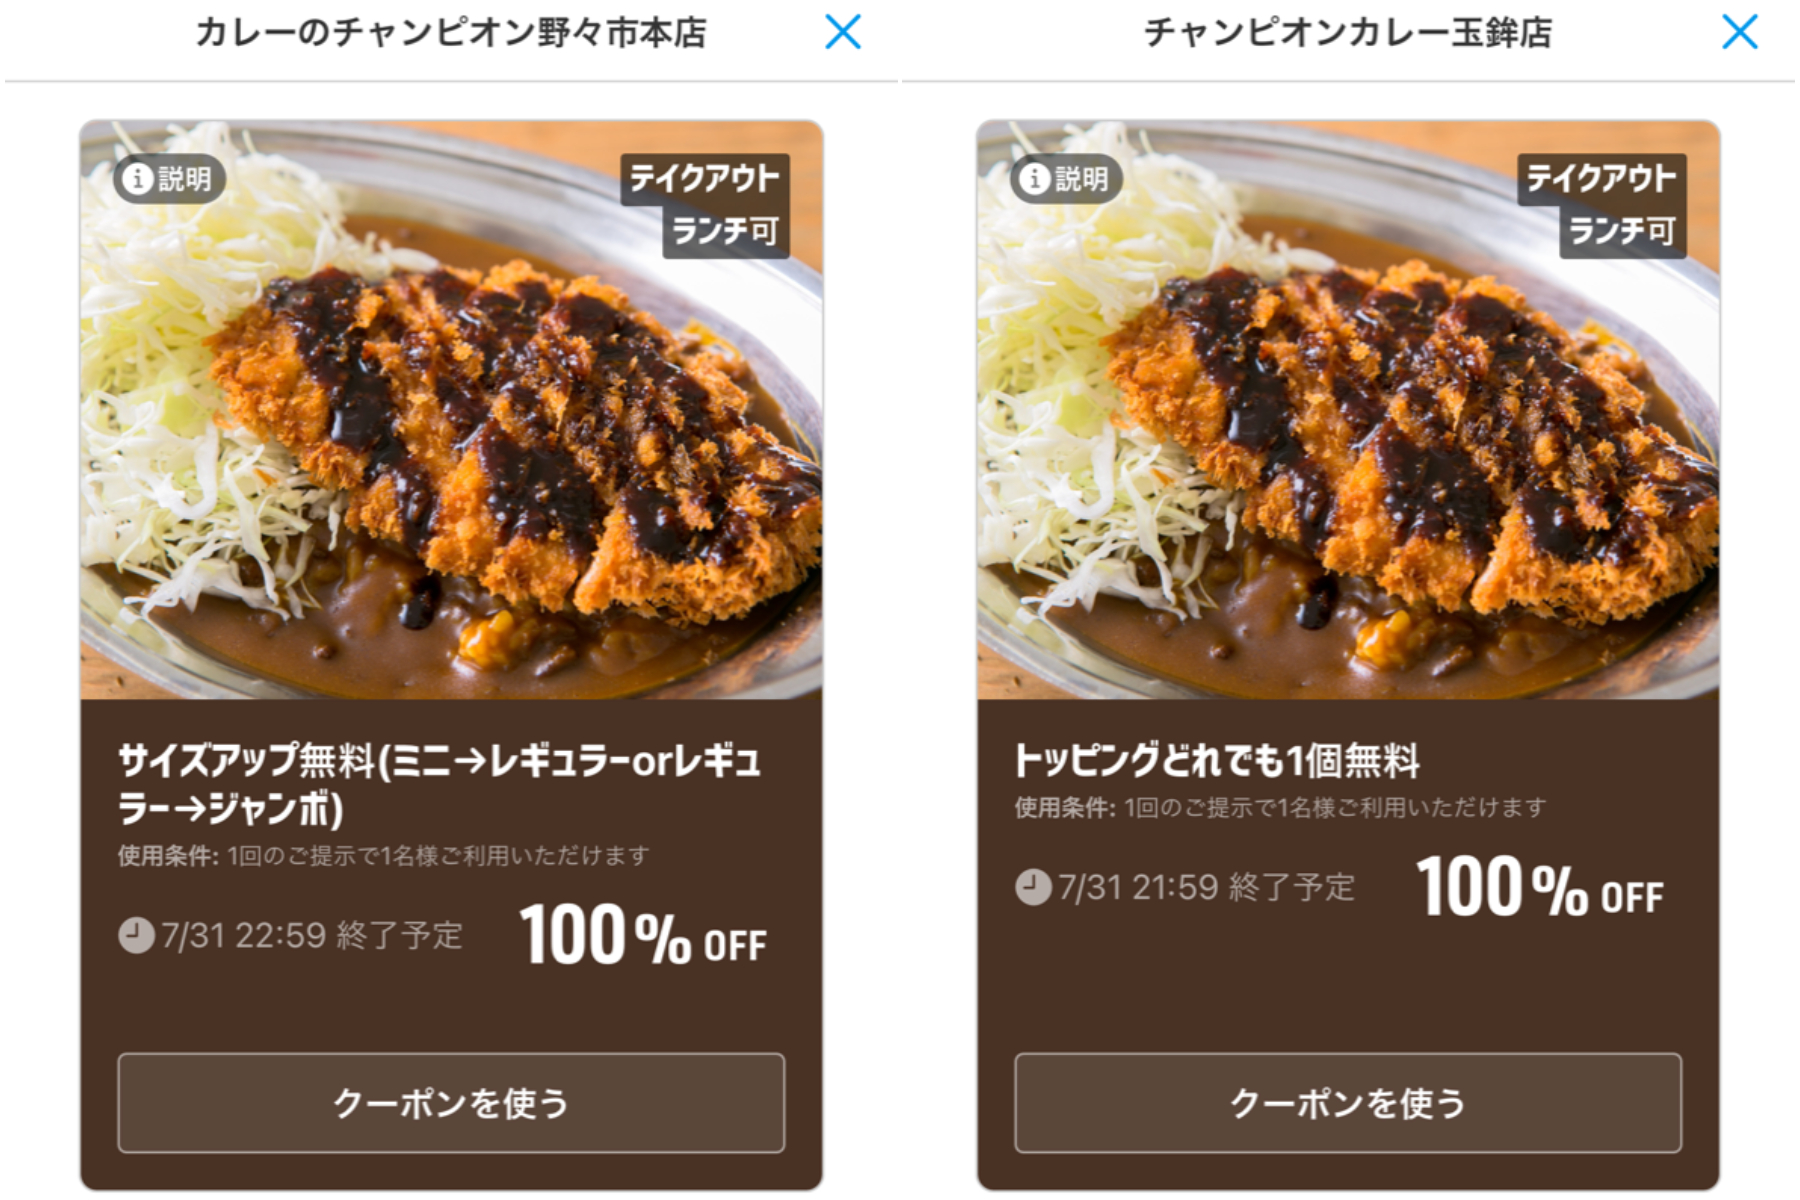 金沢日和 - 【今週のスマニュークーポン】とり白菜が名物の『さぶろうべい野々市店』が登場